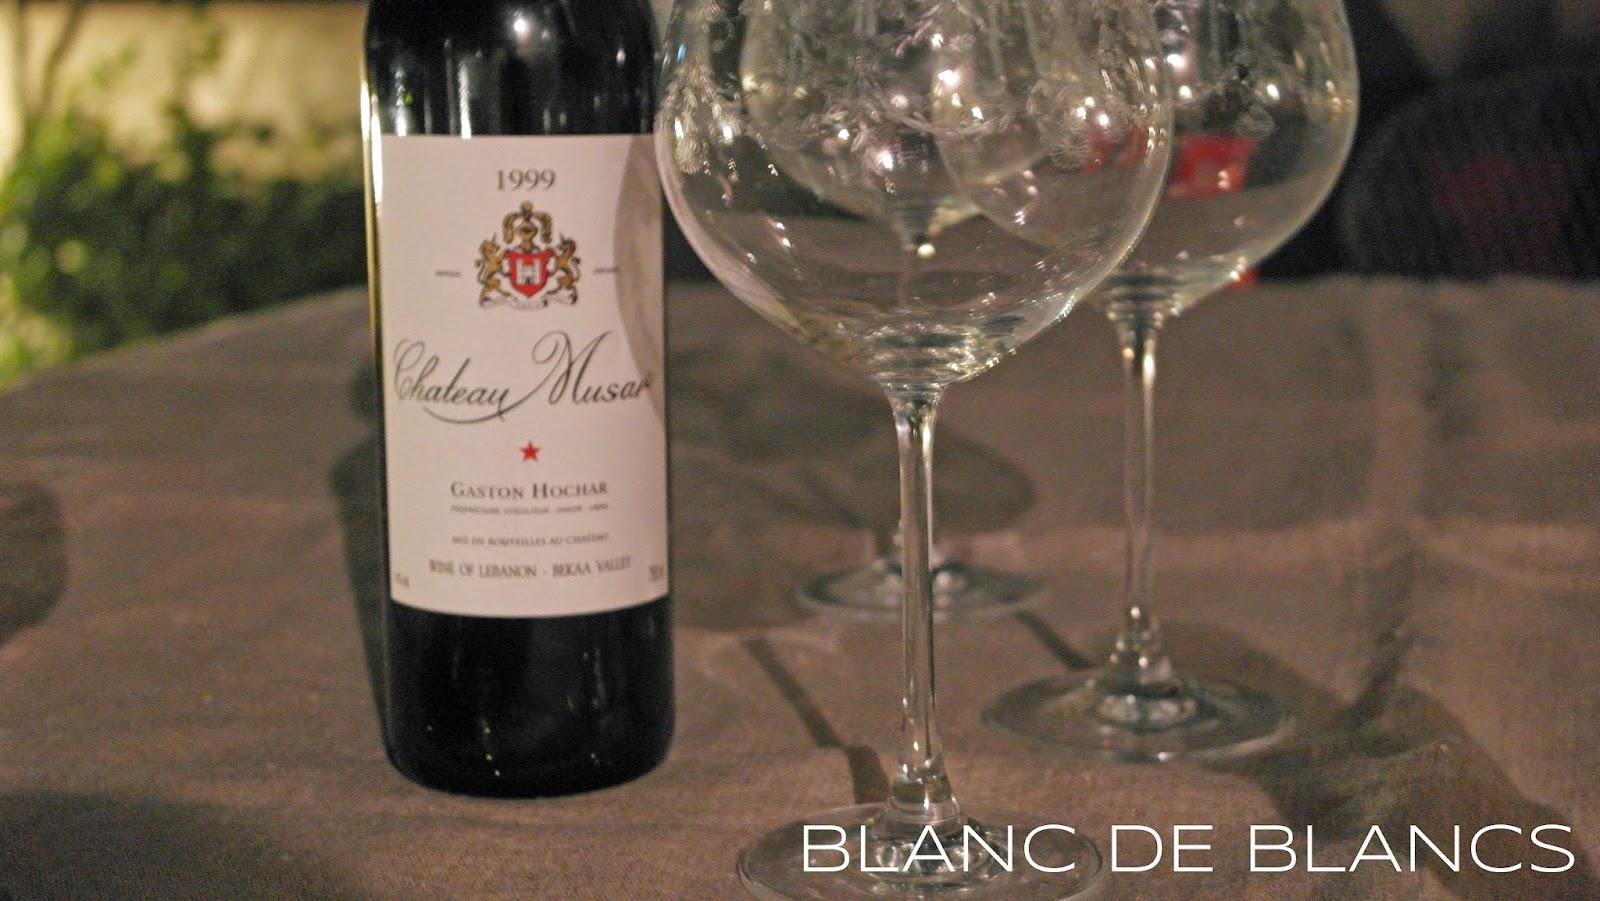 Château Musar 1999 - www.blancdeblancs.fi